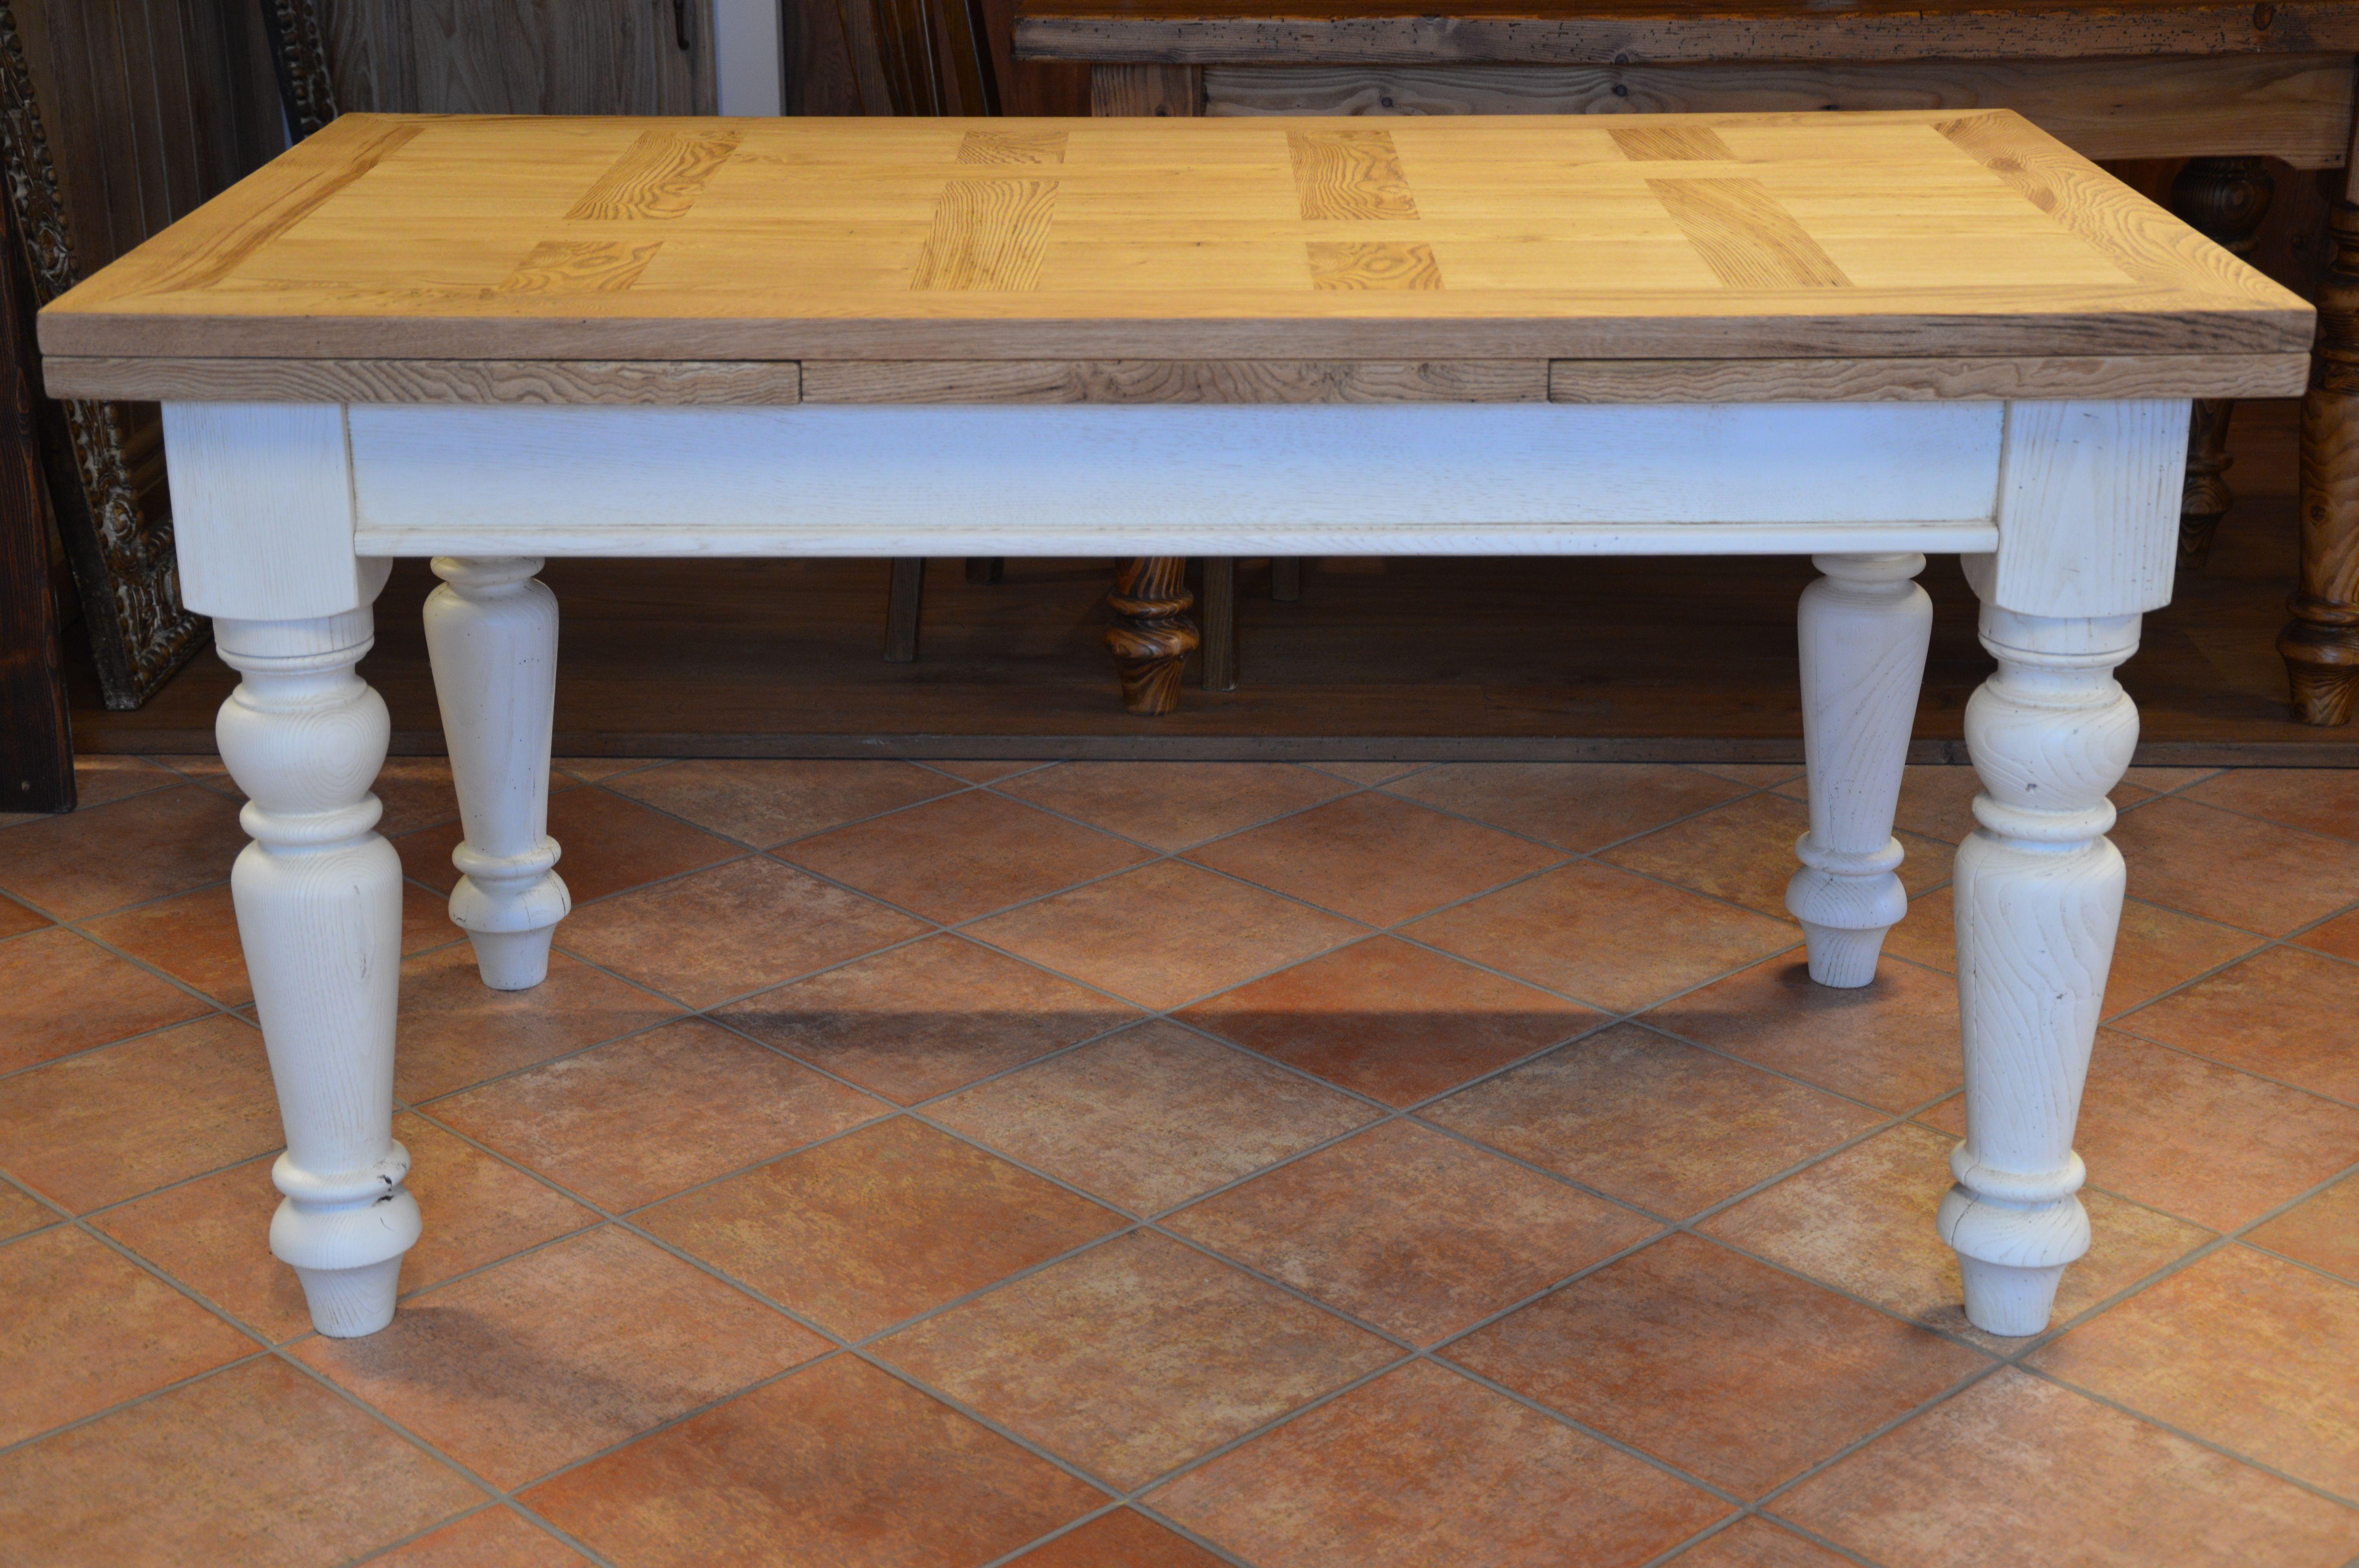 falegnameria bensi tavolo a capretta in rovere antico di recupero prima patina tavoli in legno Pinterest